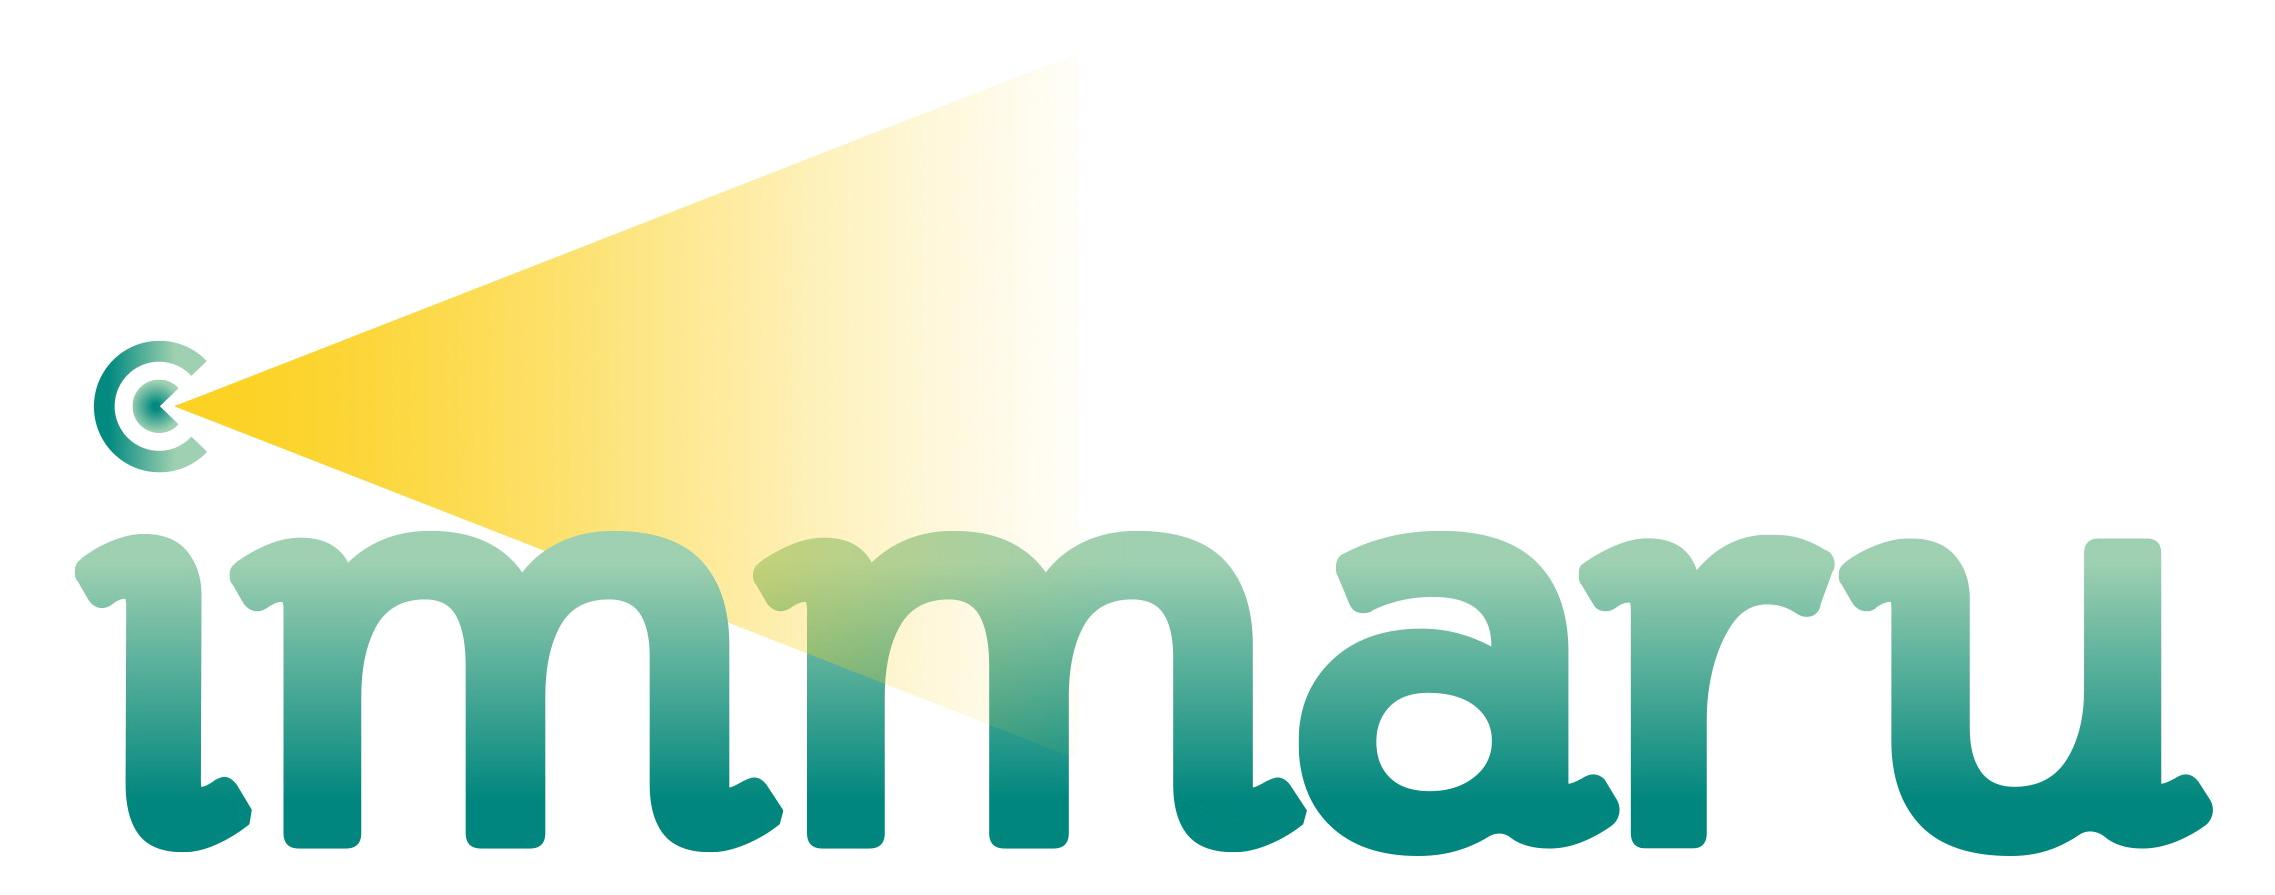 Immaru